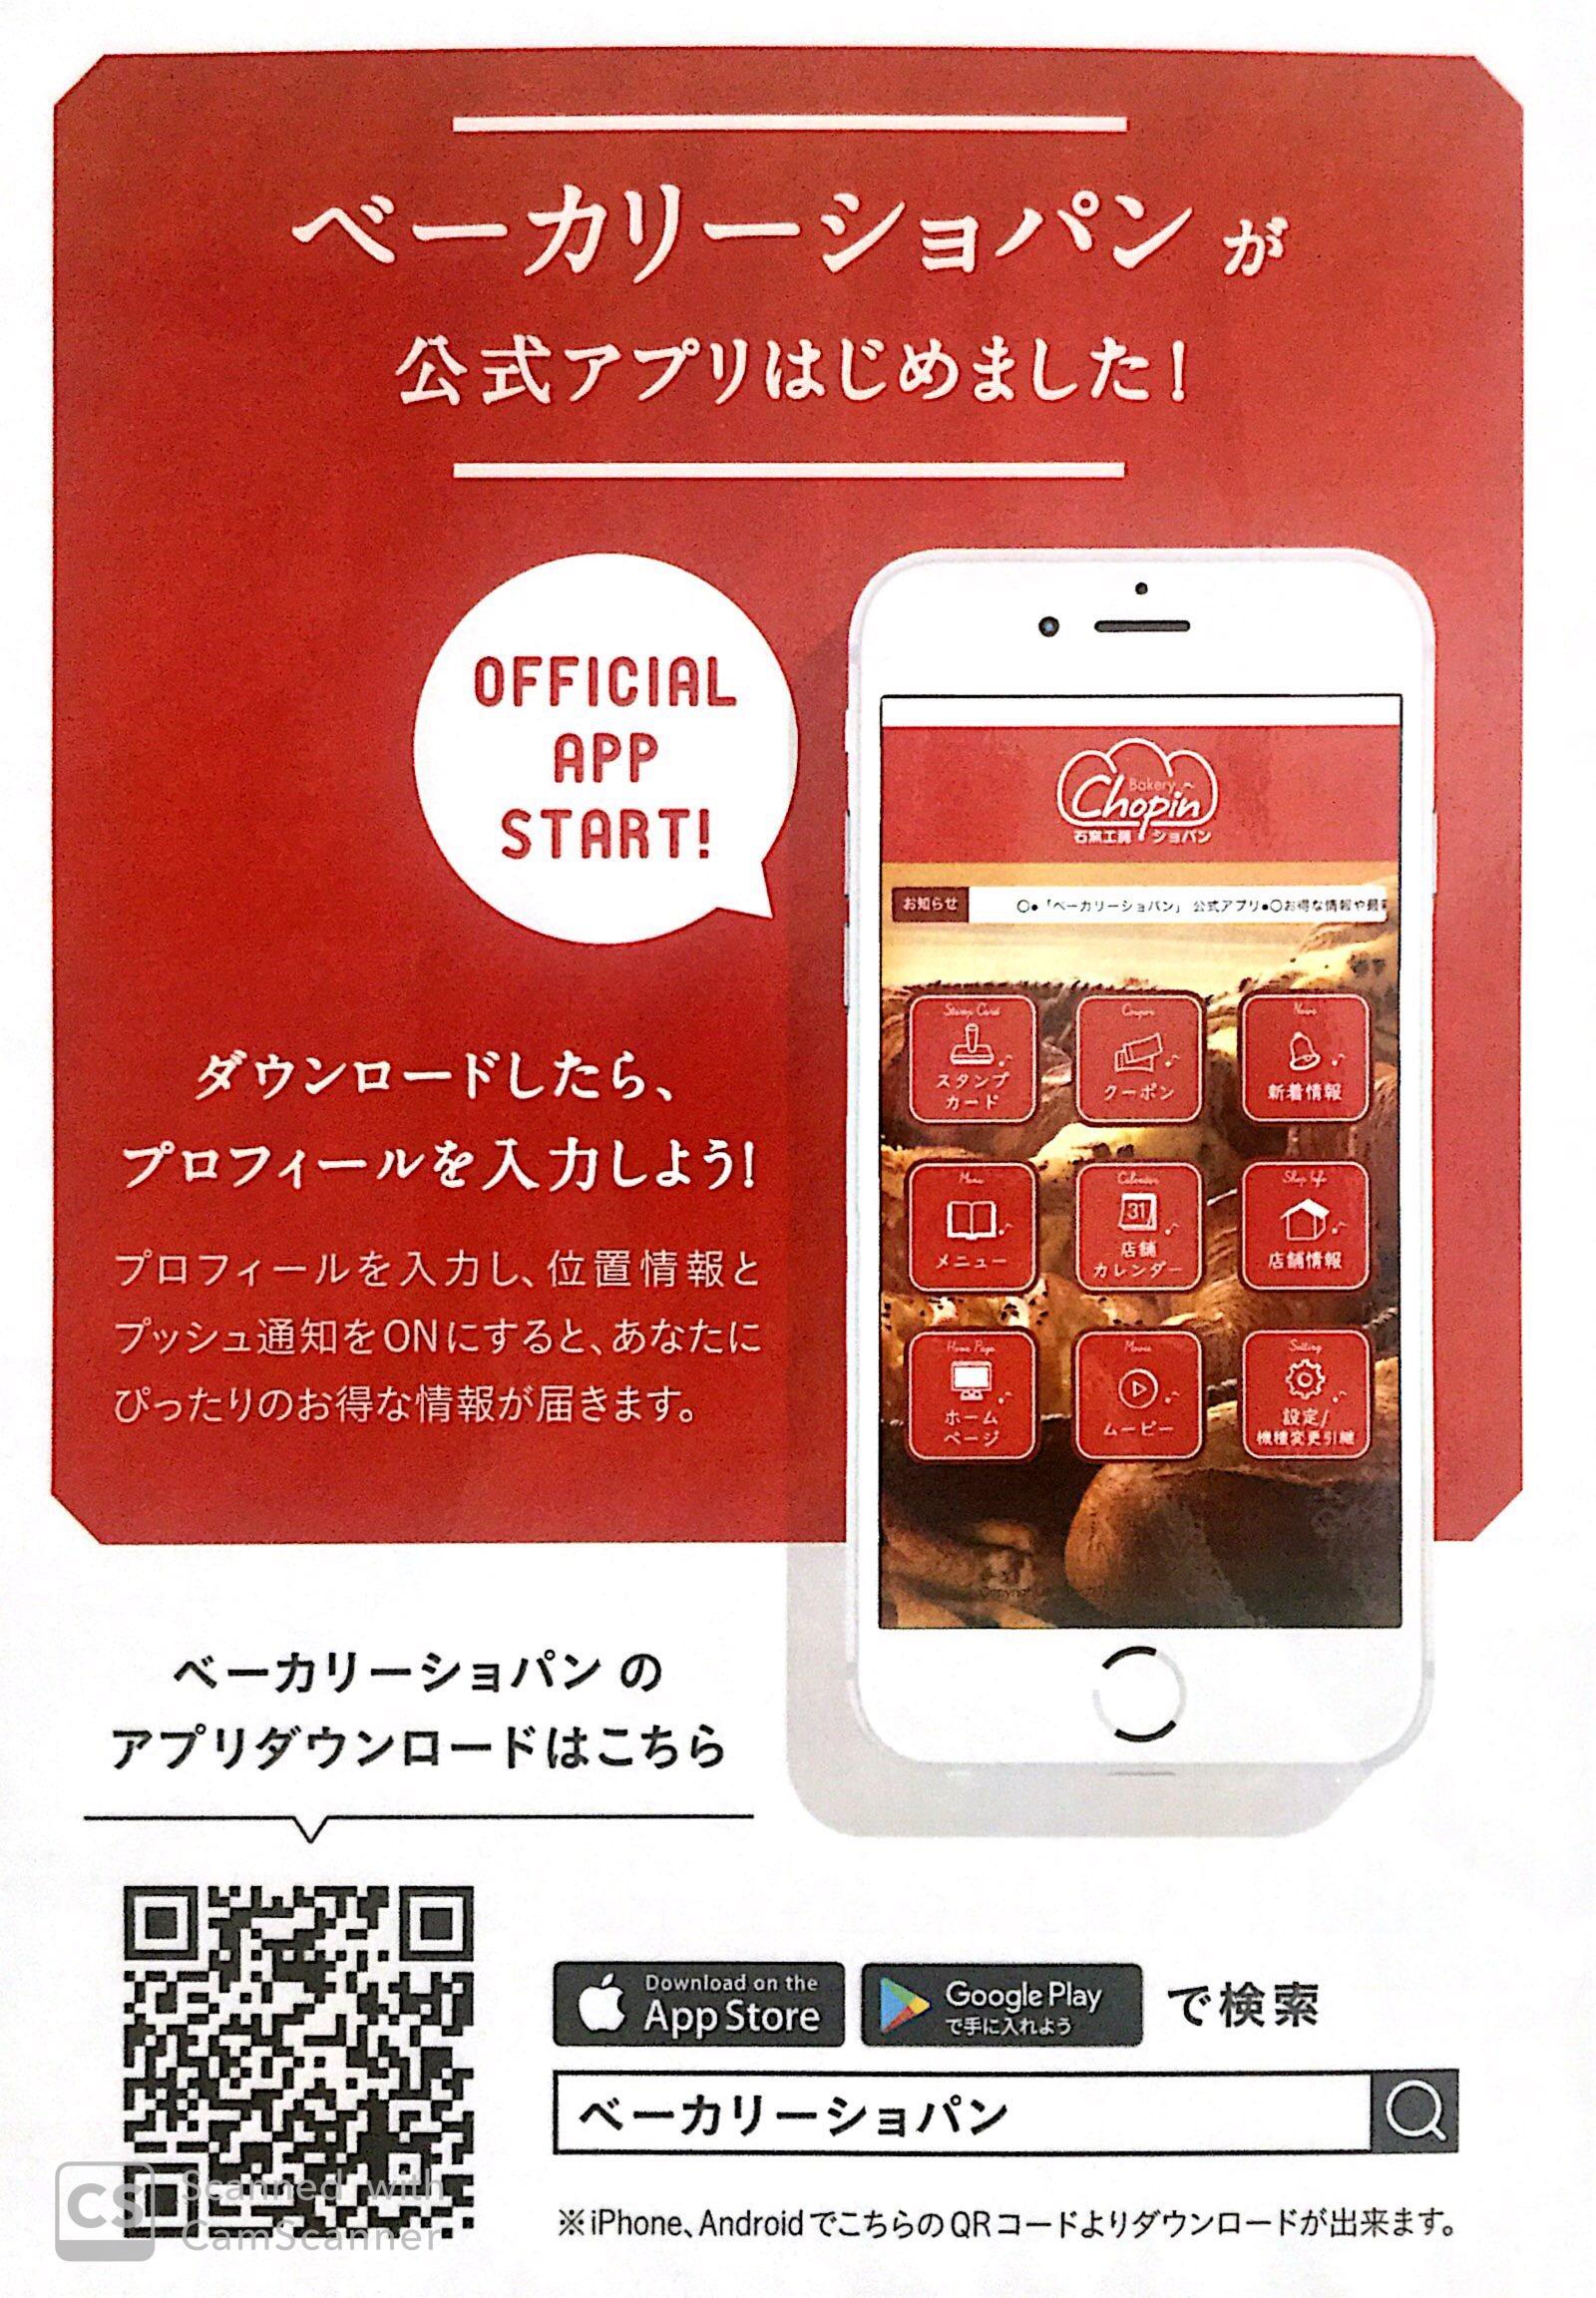 ショパン公式アプリ登場❣❣❣